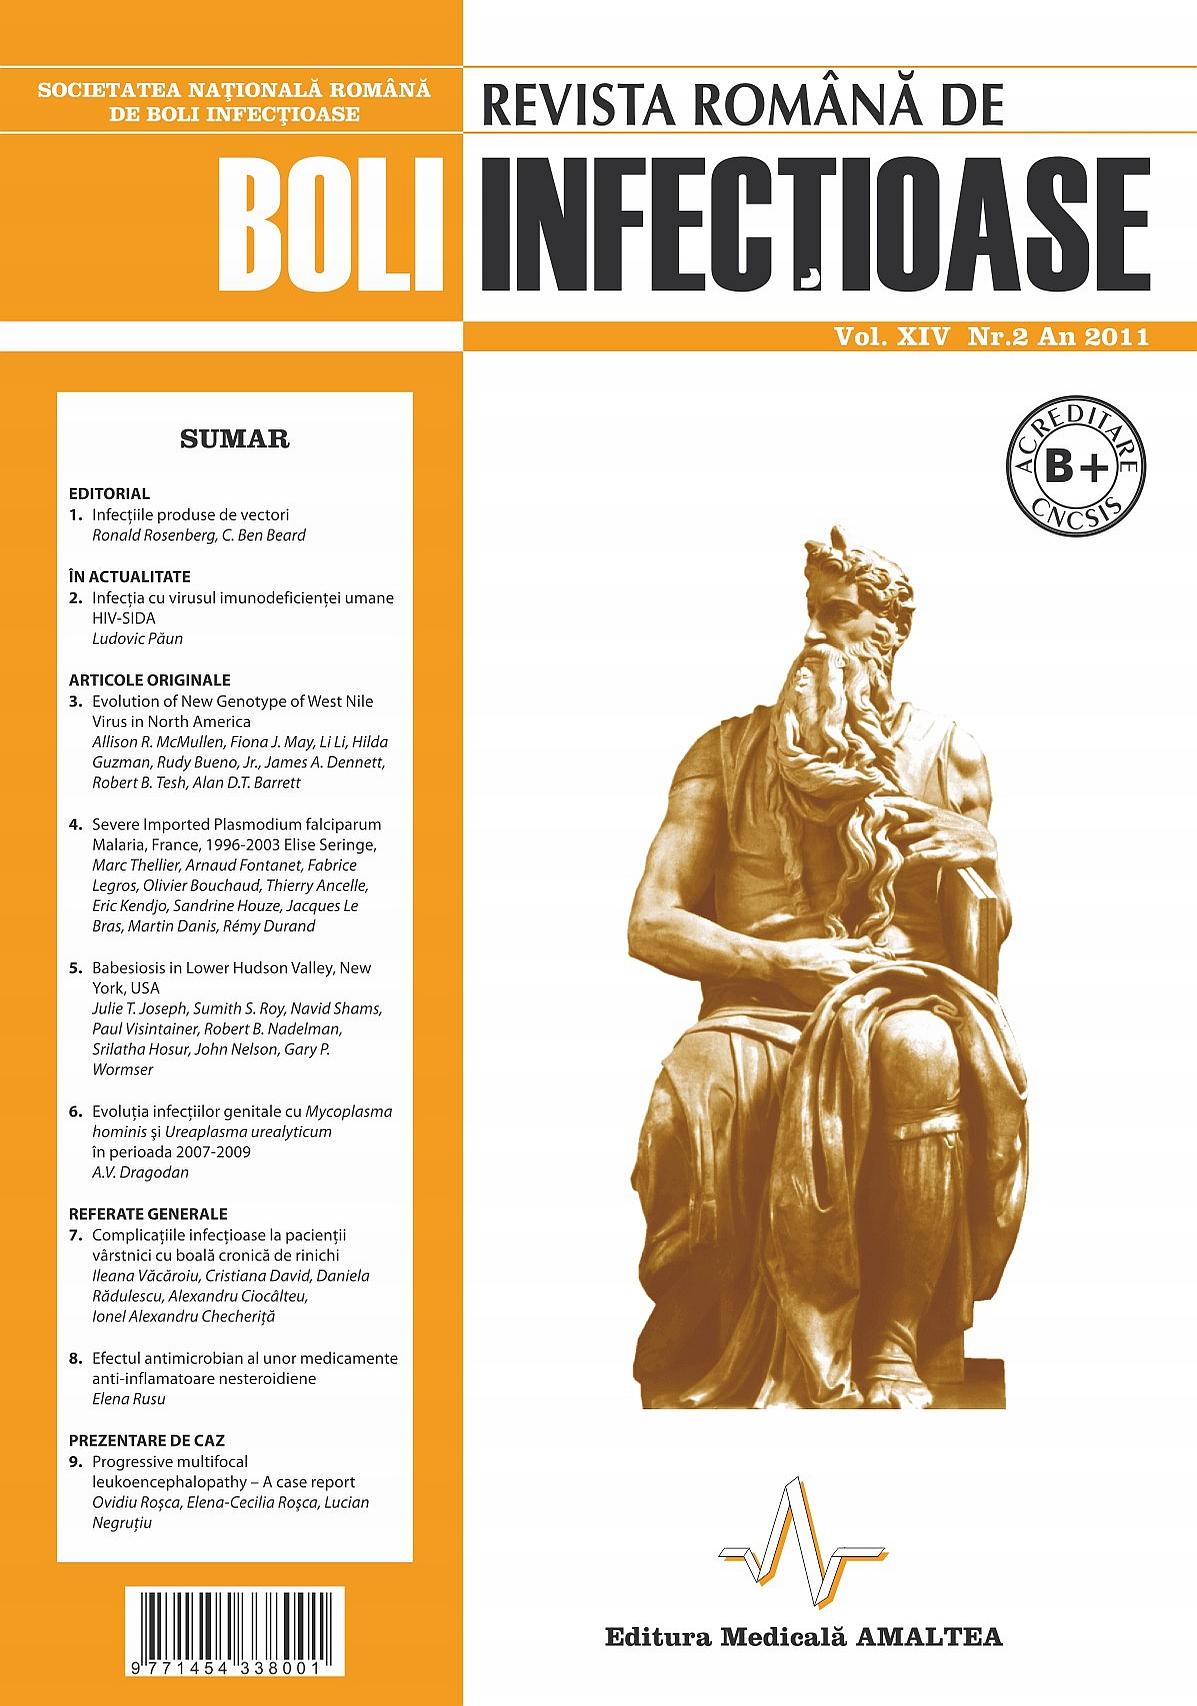 Revista Romana de Boli Infectioase | Vol. XIV, No. 2, 2011